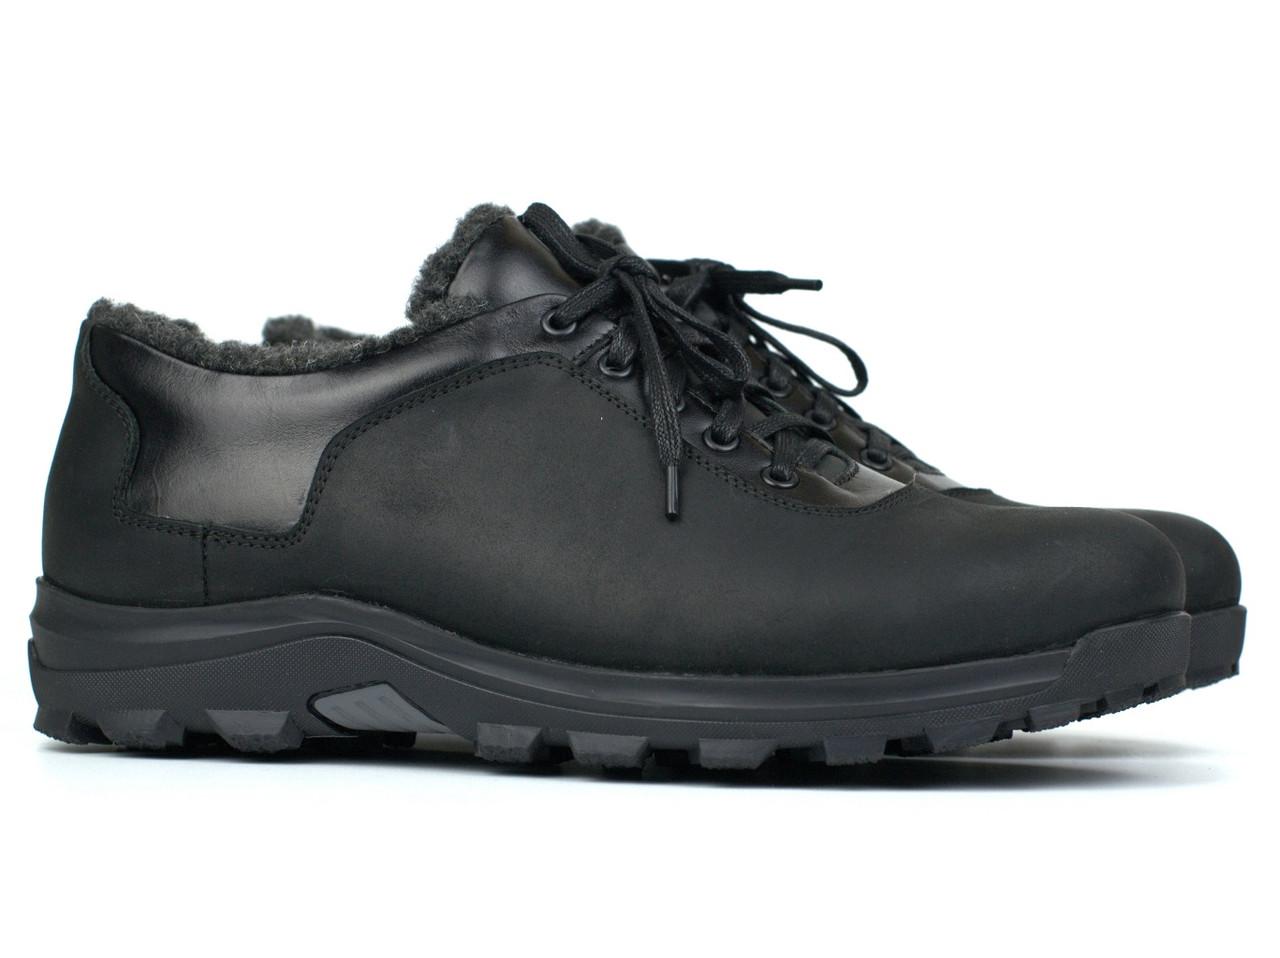 Кожаные зимние полу-ботинки на меху черные мужские Rosso Avangard Ragn Crazy Reba 2 Black